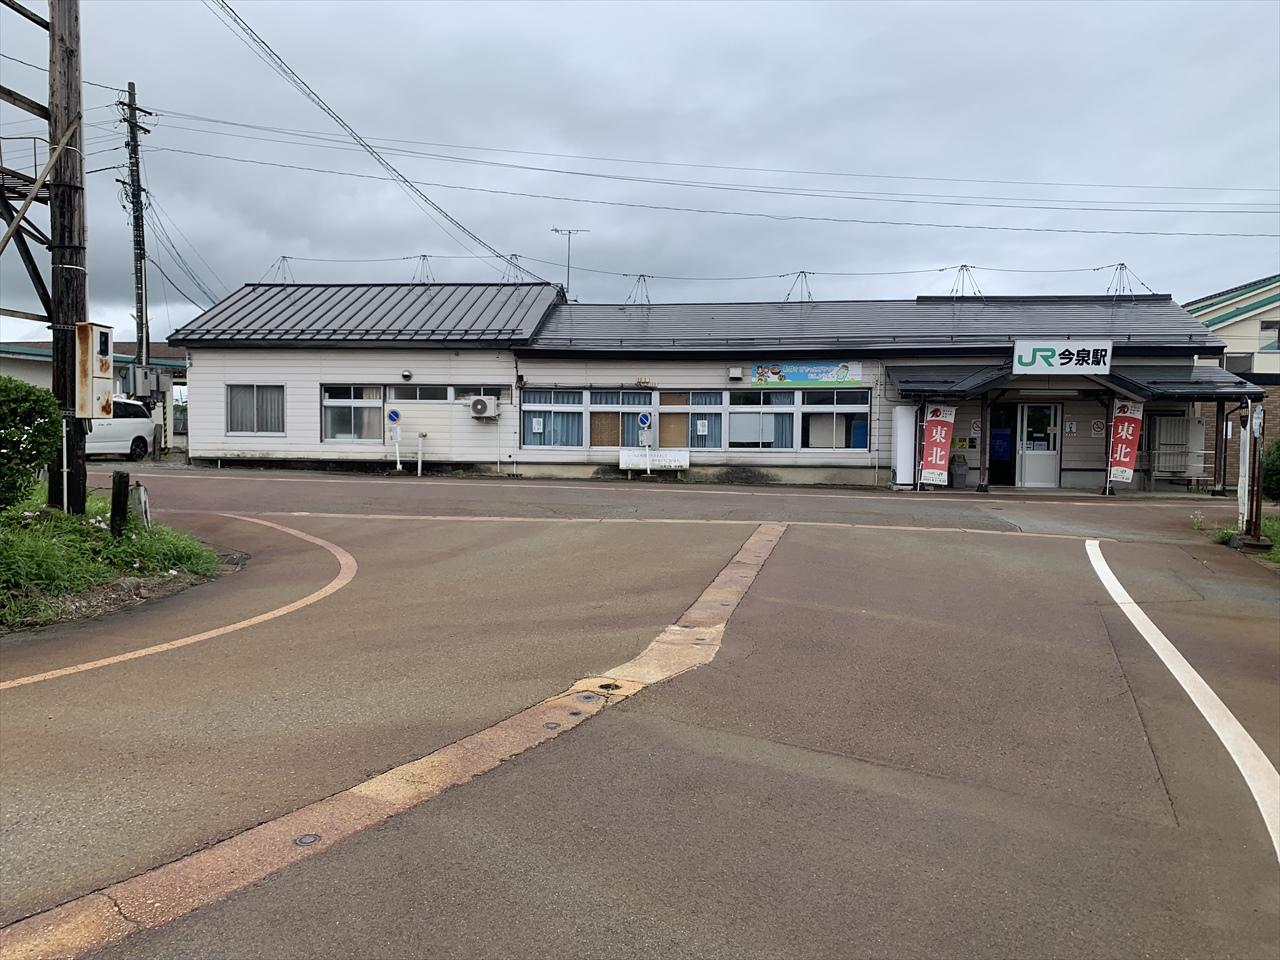 時刻表昭和史と今泉駅